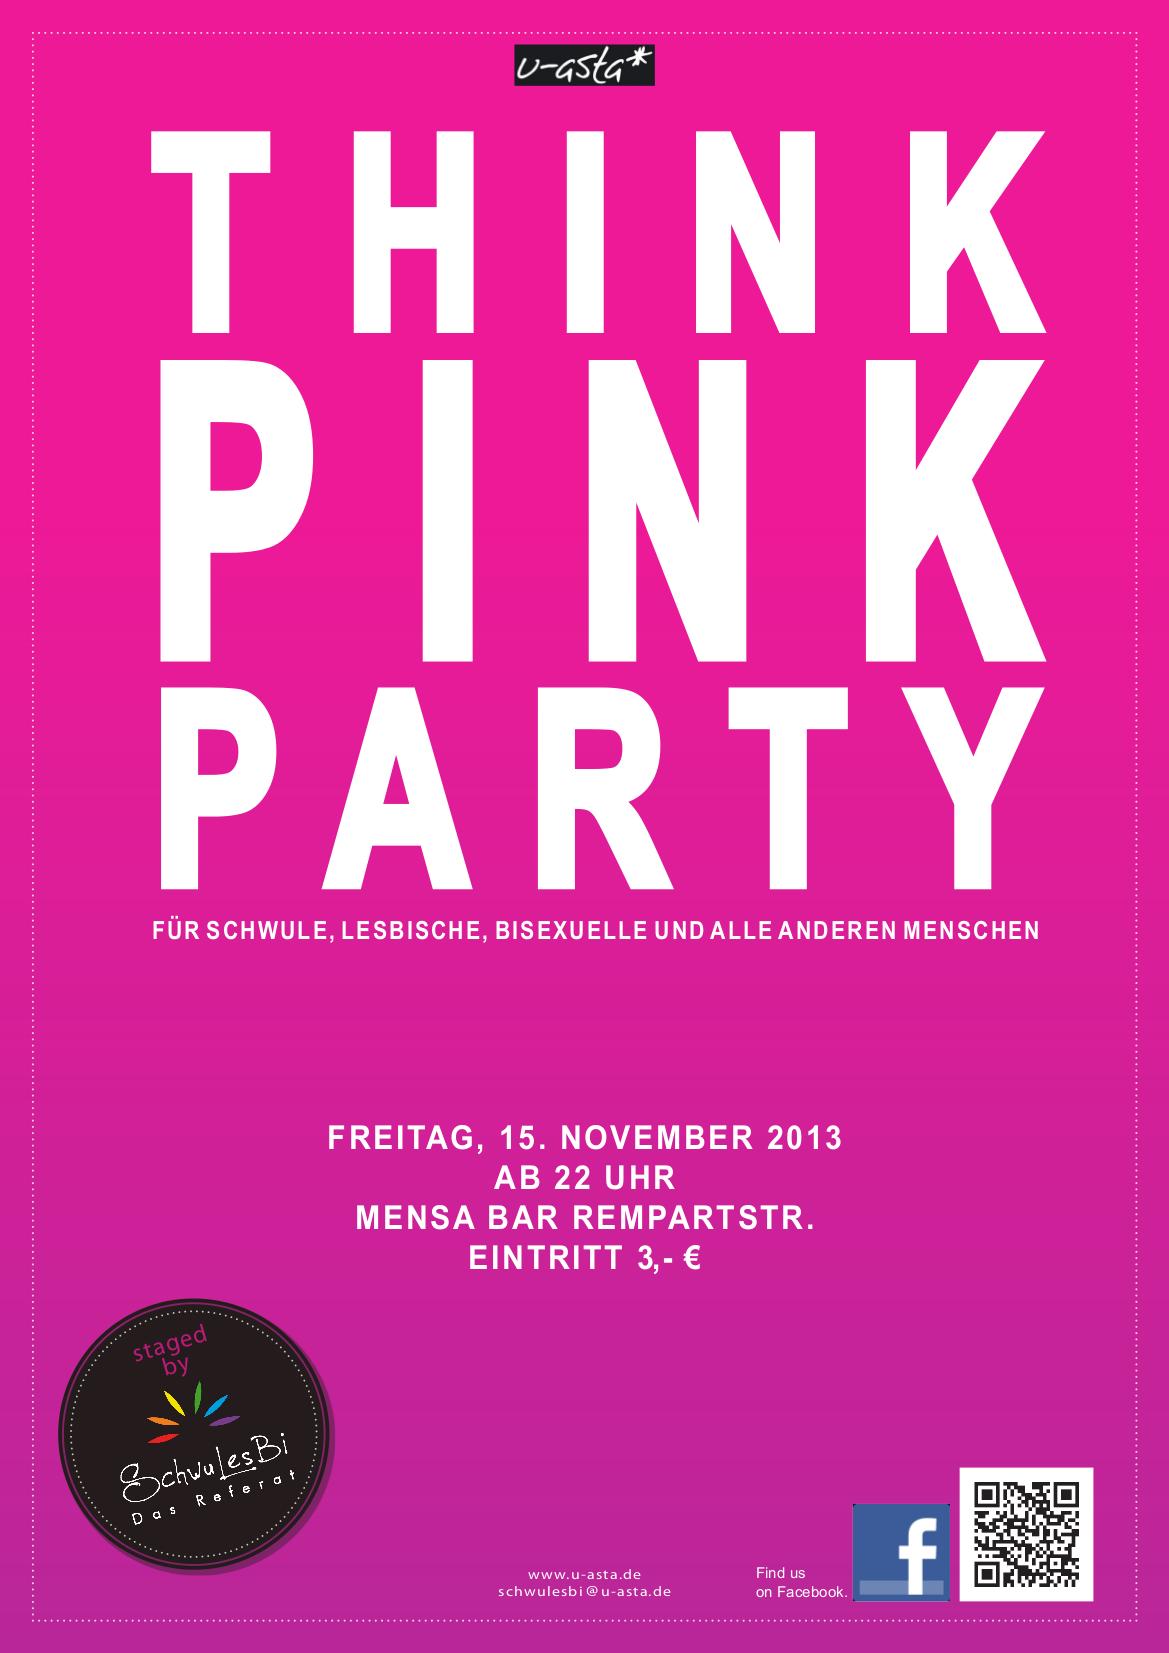 Single party freiburg 2013